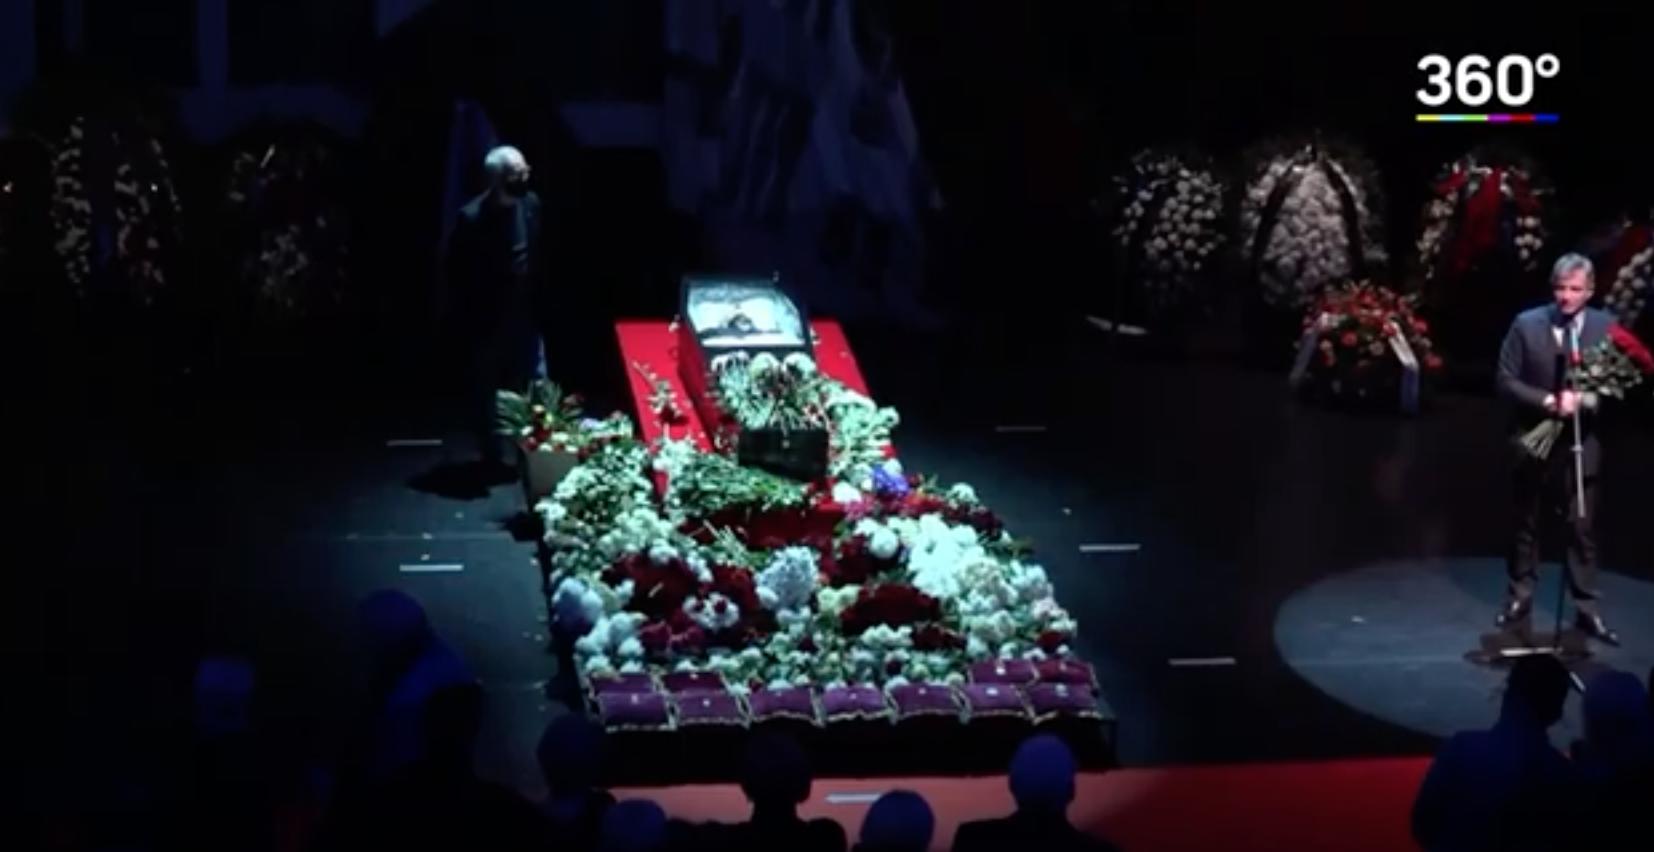 Гроб с телом Виктюка закрыт стеклом